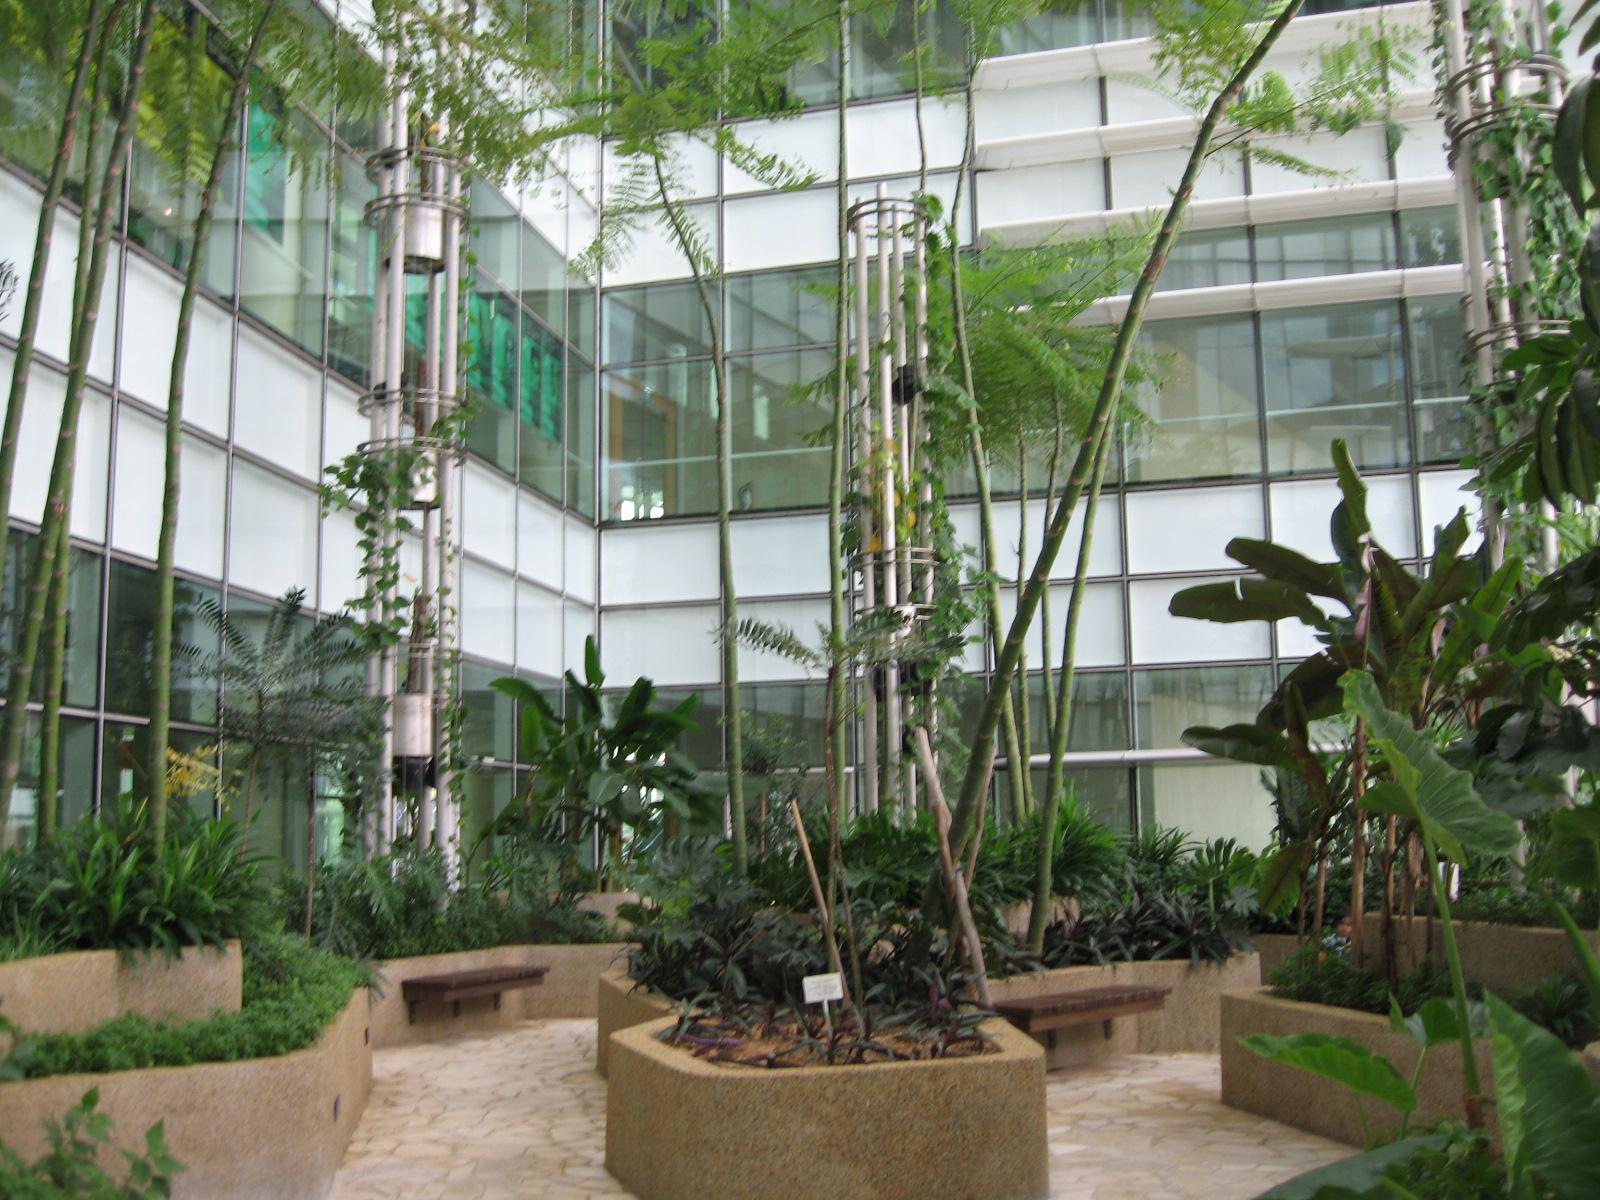 Green Interior Design, Wikimedia